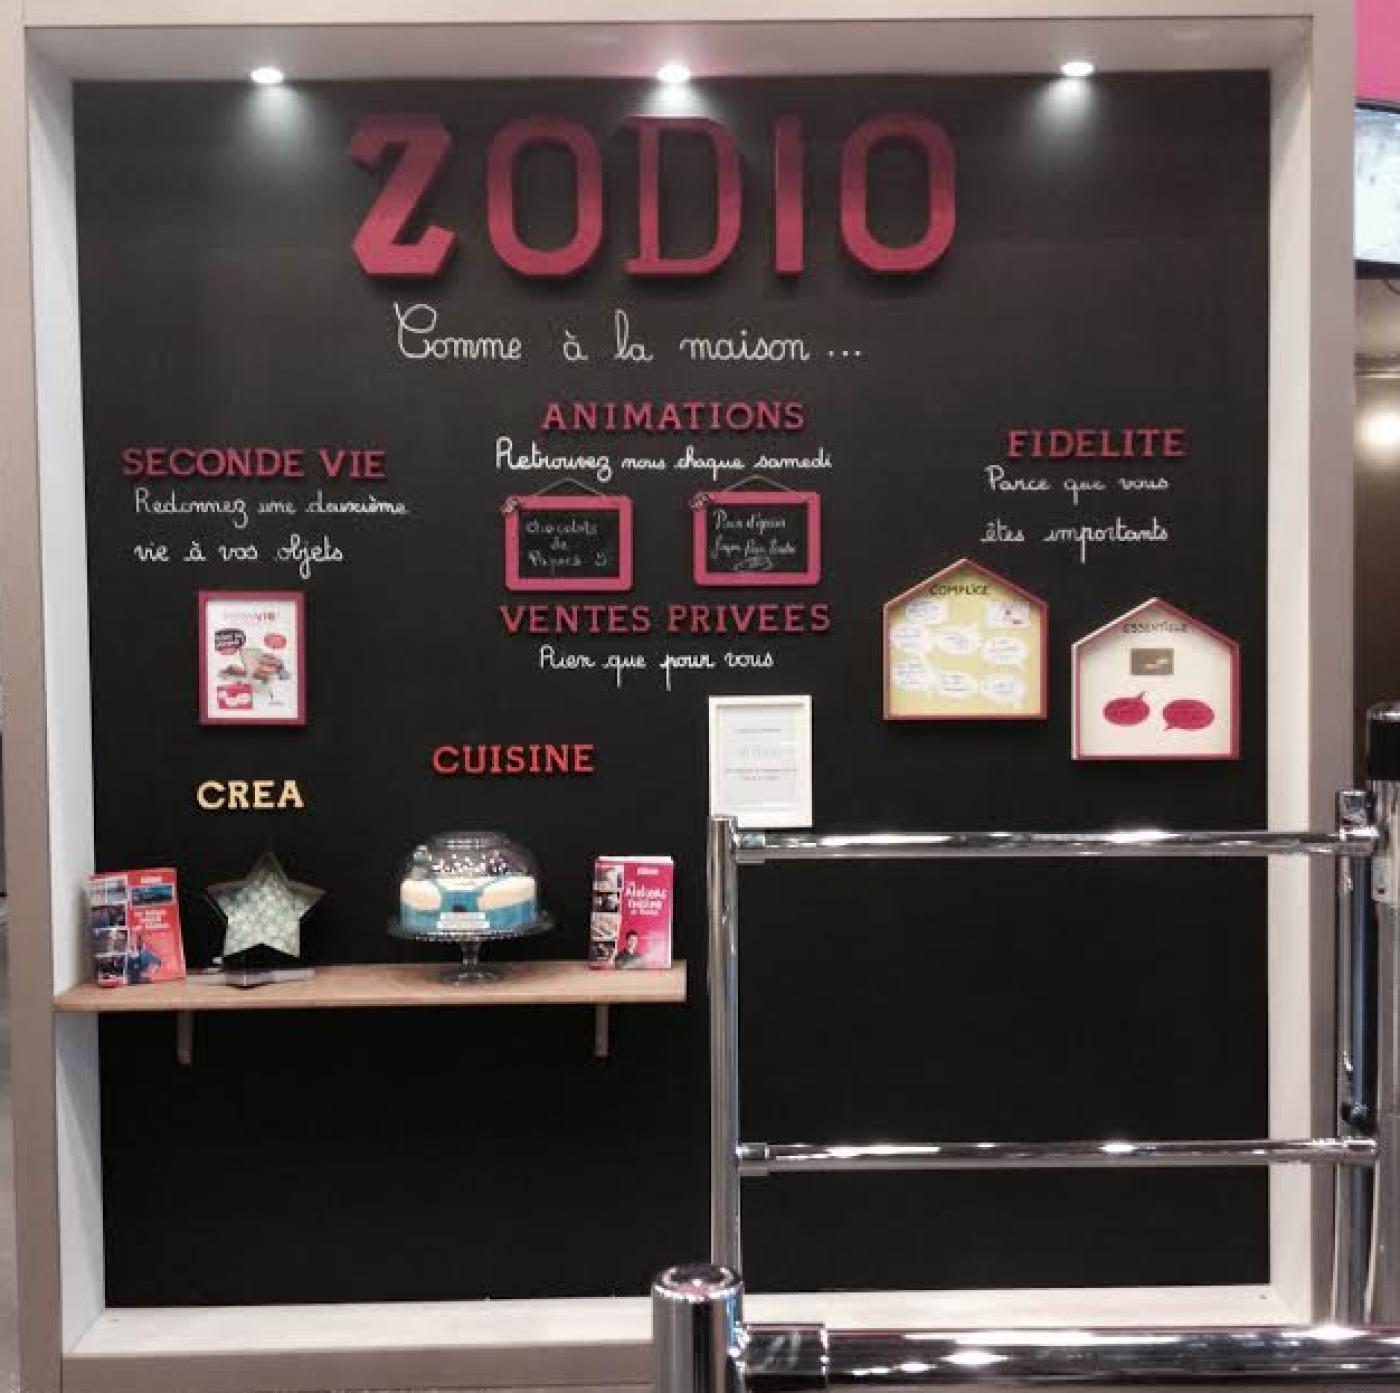 Le nouveau declic d 39 accueil de zodio chambourcy blog z dio - Zodio chambourcy atelier cuisine ...